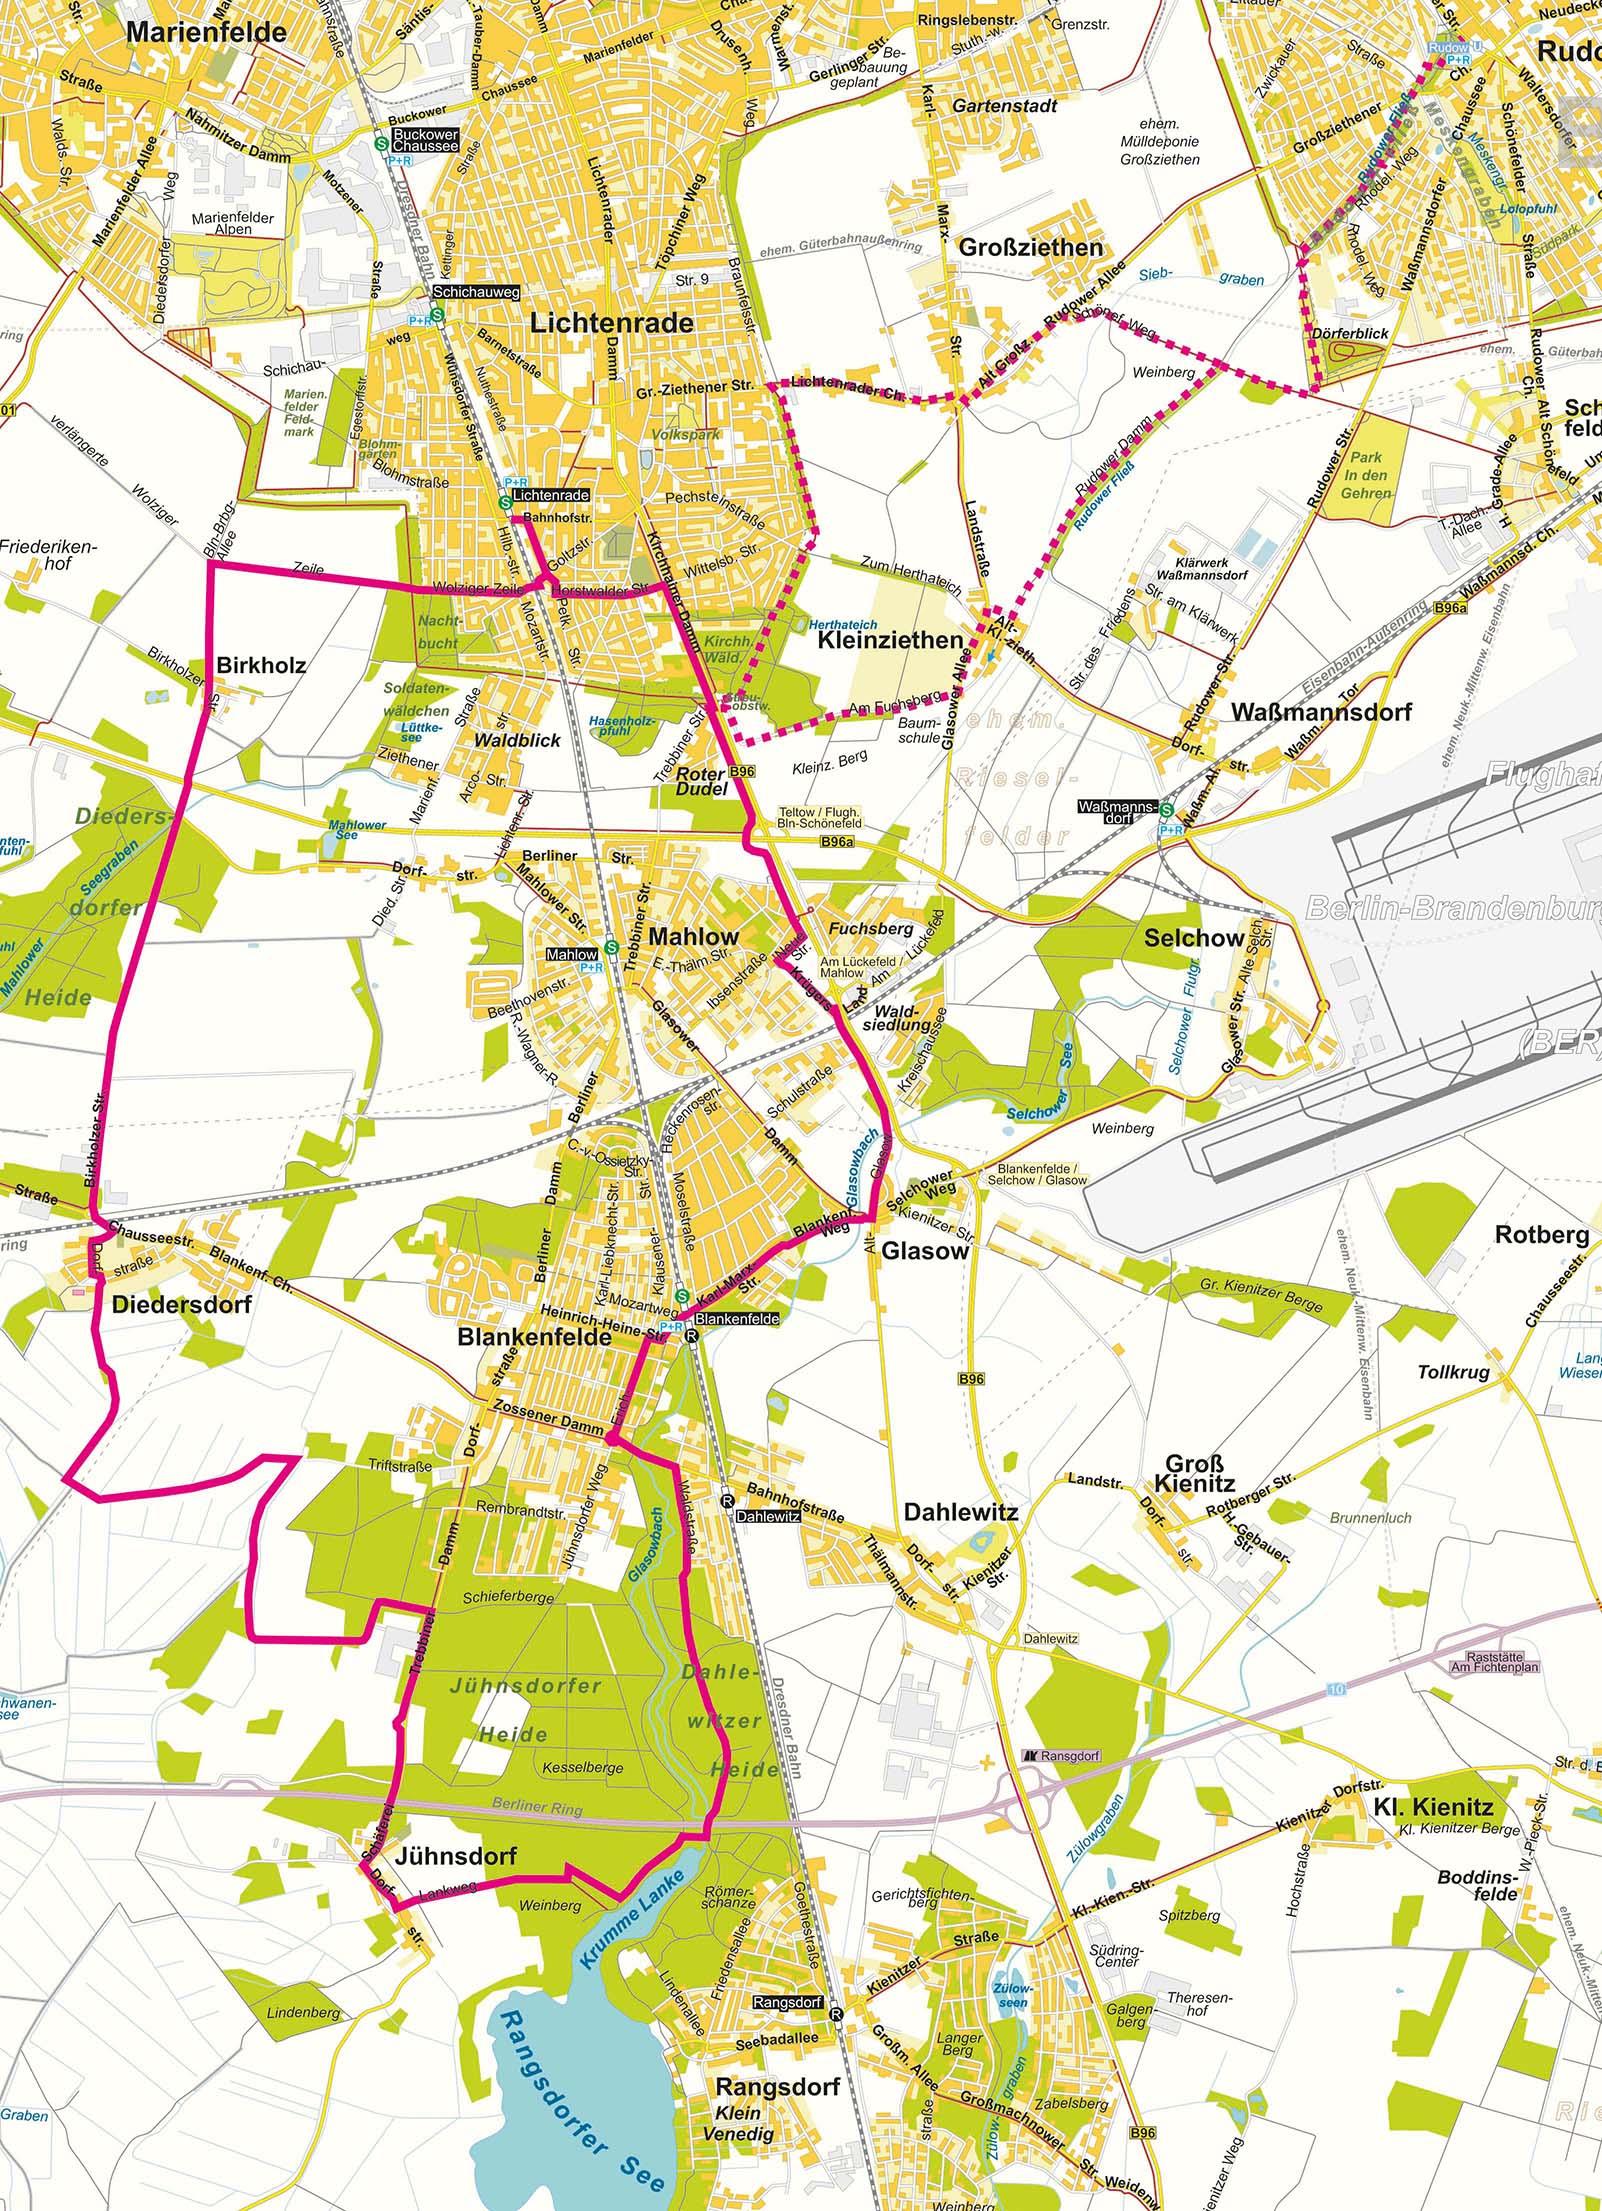 Karte Berlin Lichtenrade.Karte Zur Brucken Radtour Durch Den Naturpark Nuthe Nieplitz